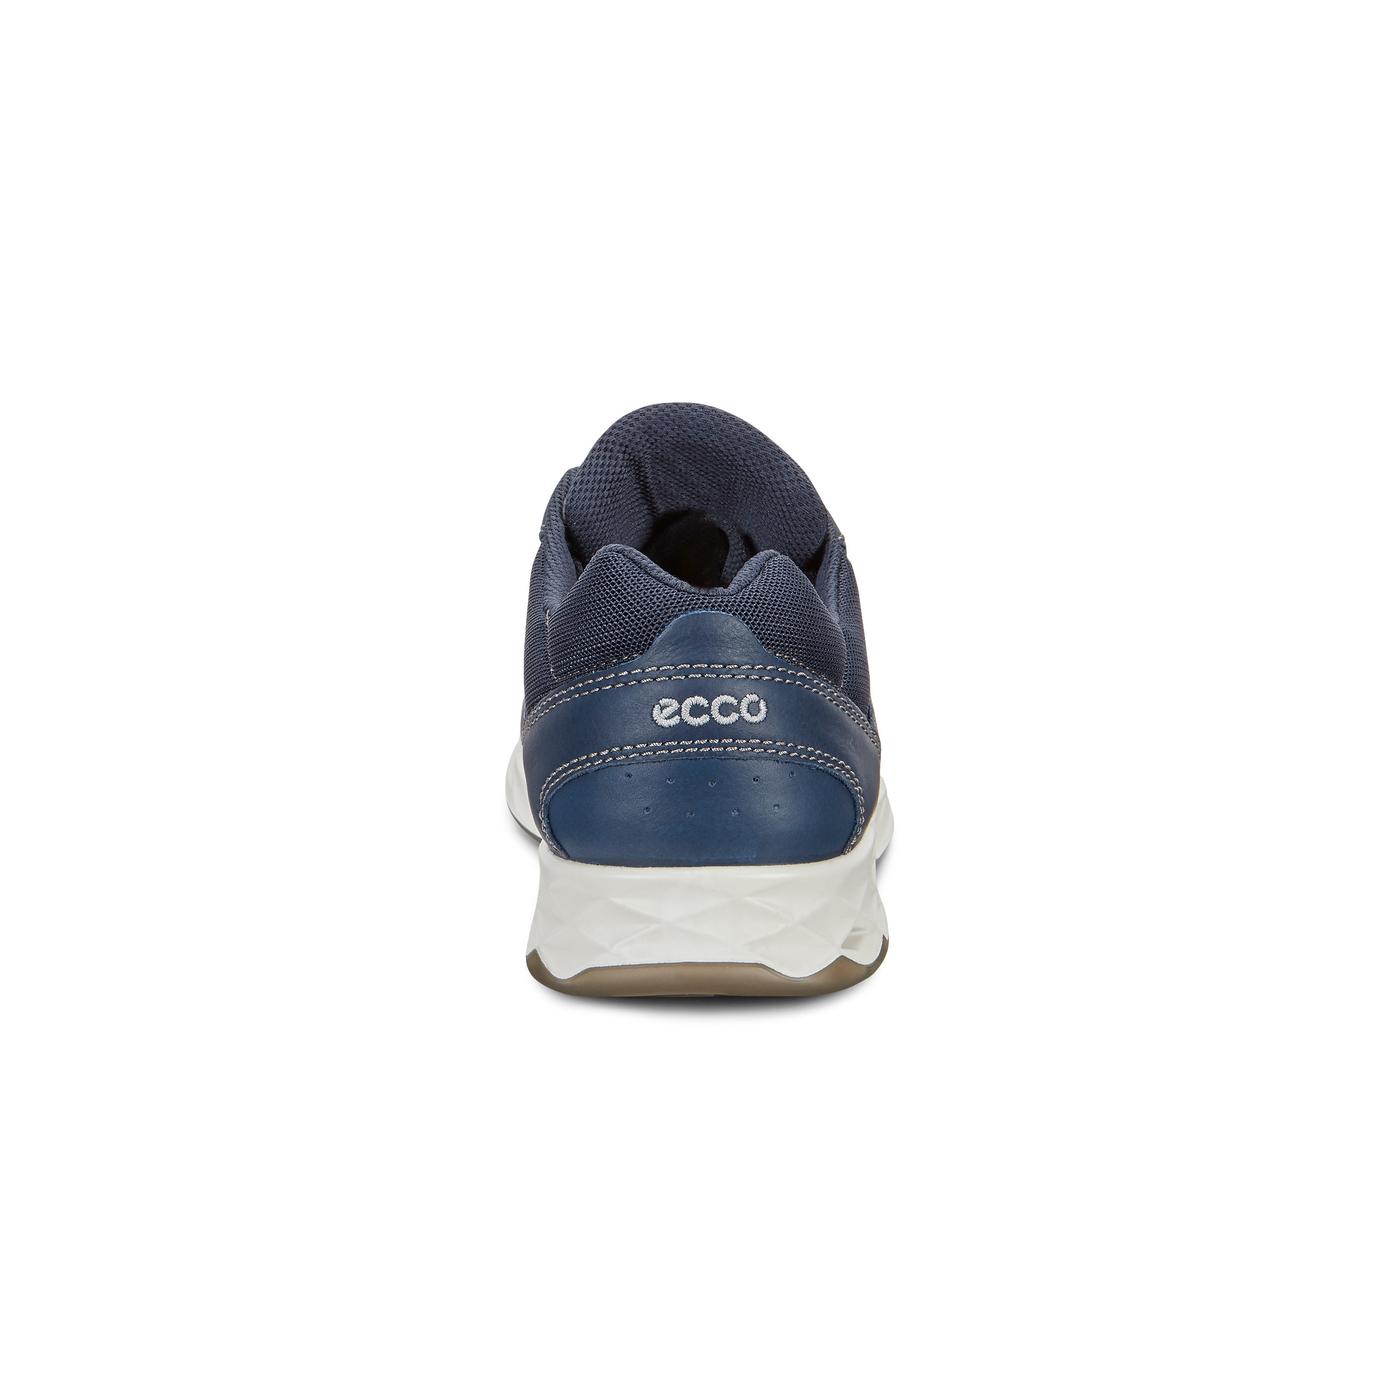 ECCO WAYFLY MEN'S Outdoor Shoe